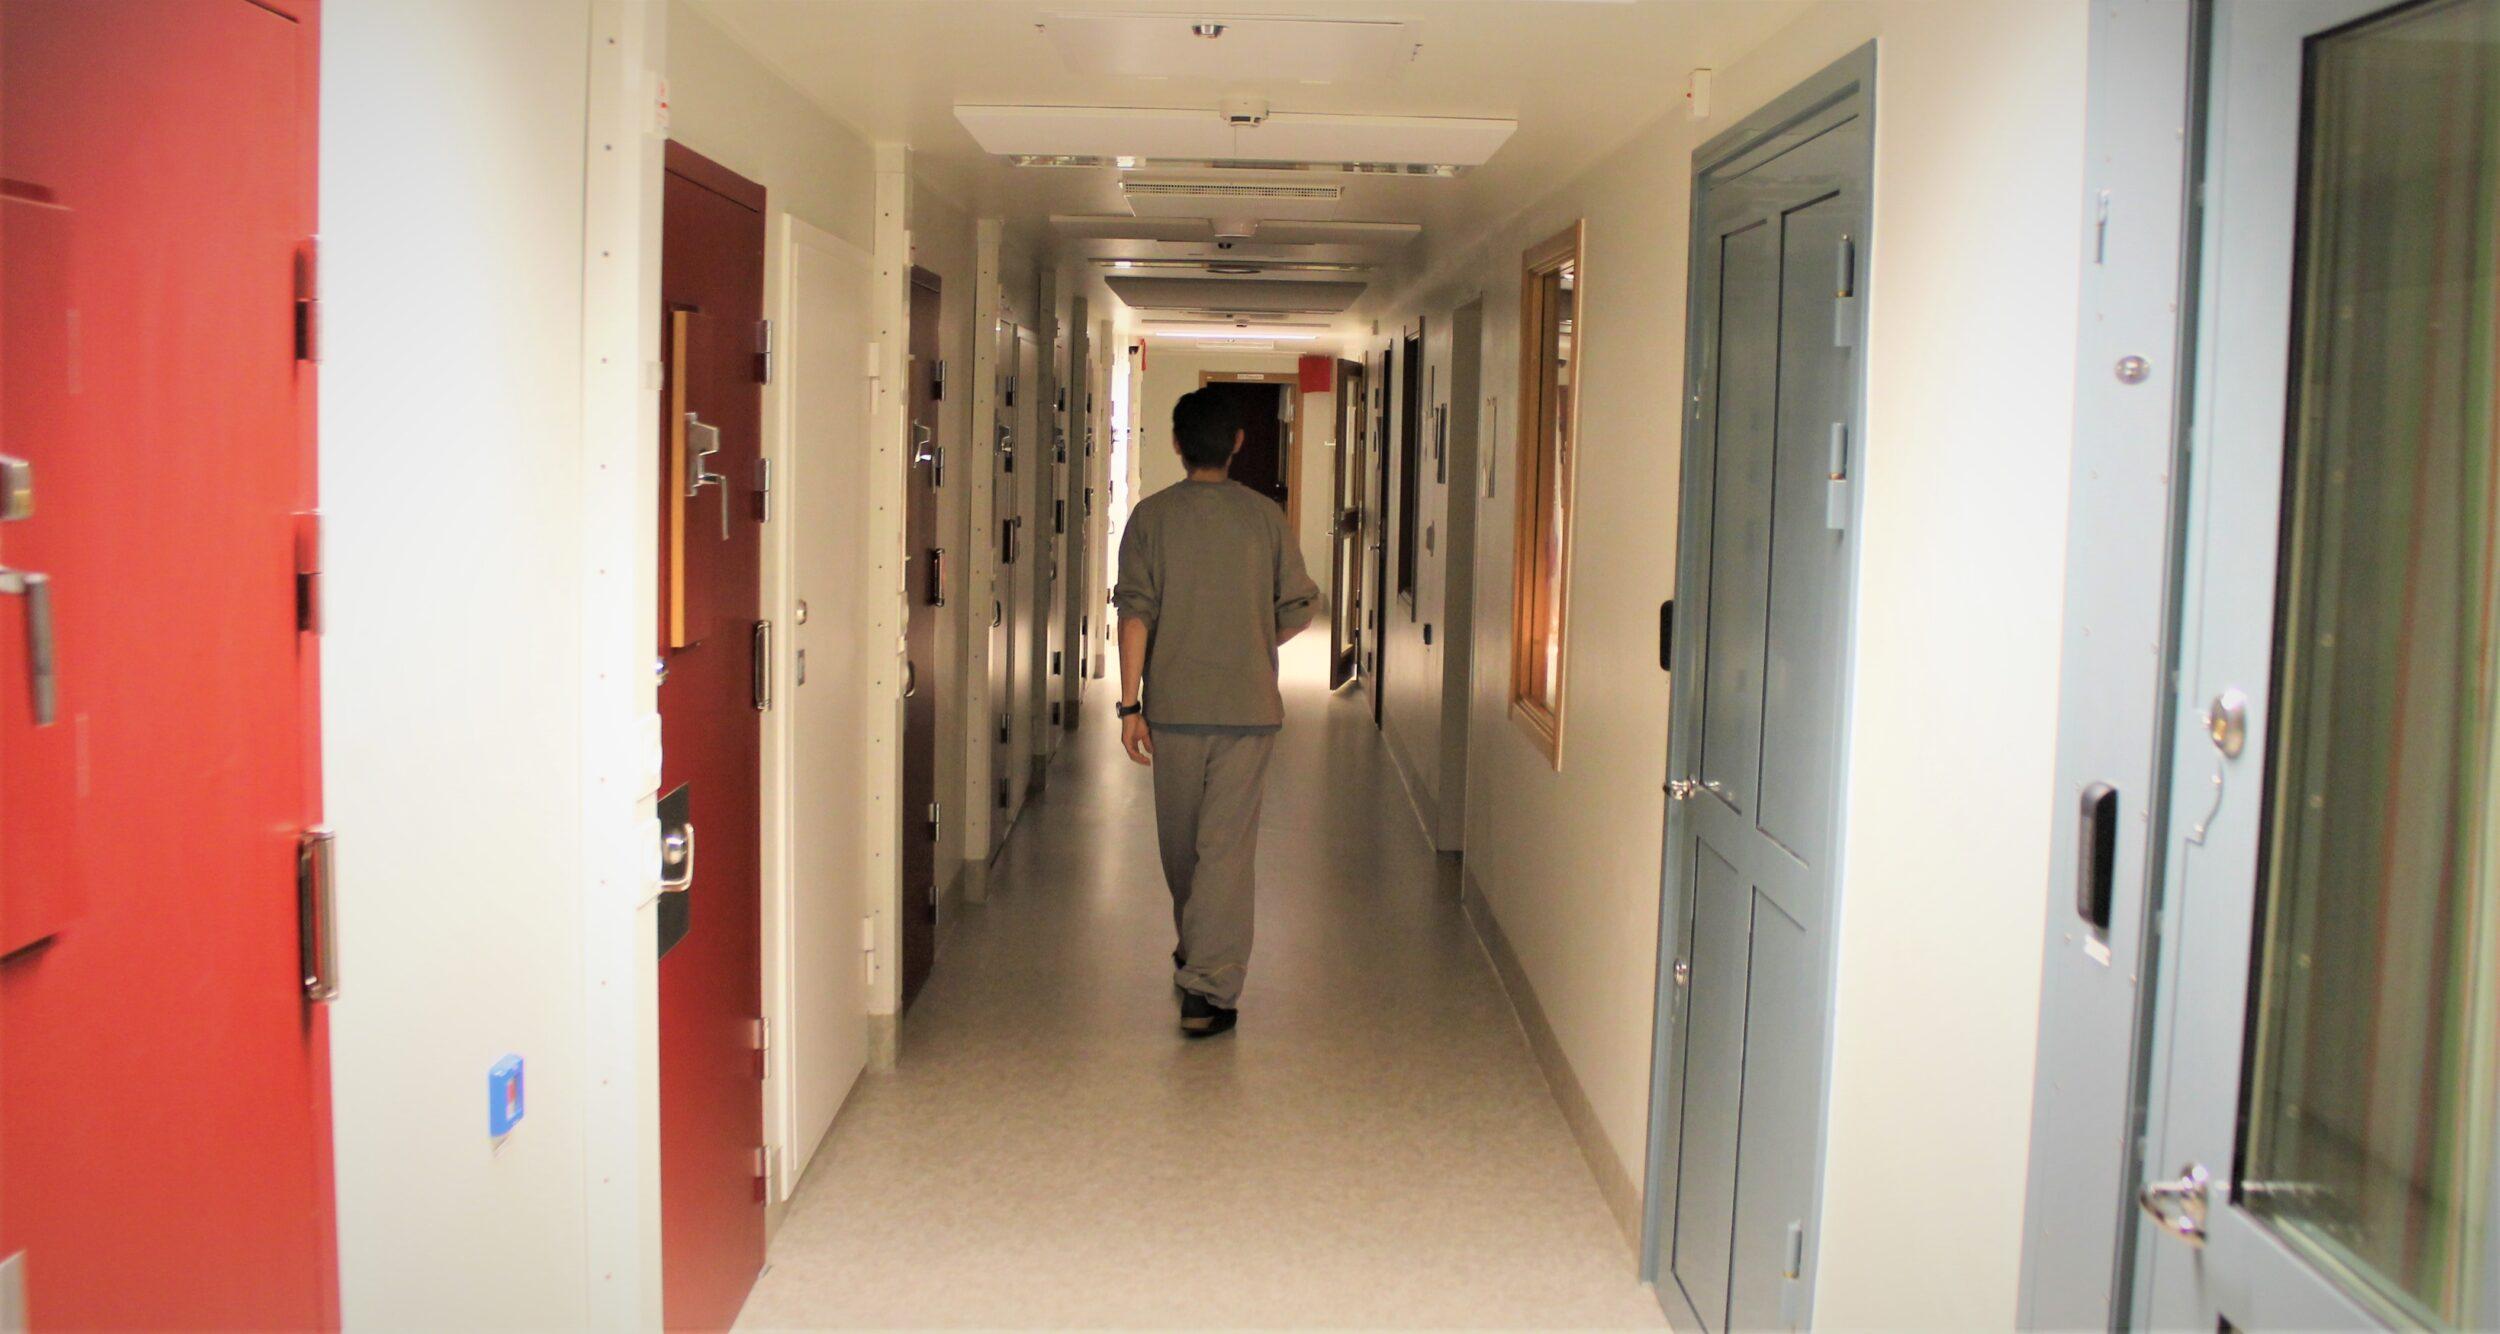 Muslimska själavårdare inom Kriminalvården, Stockholm